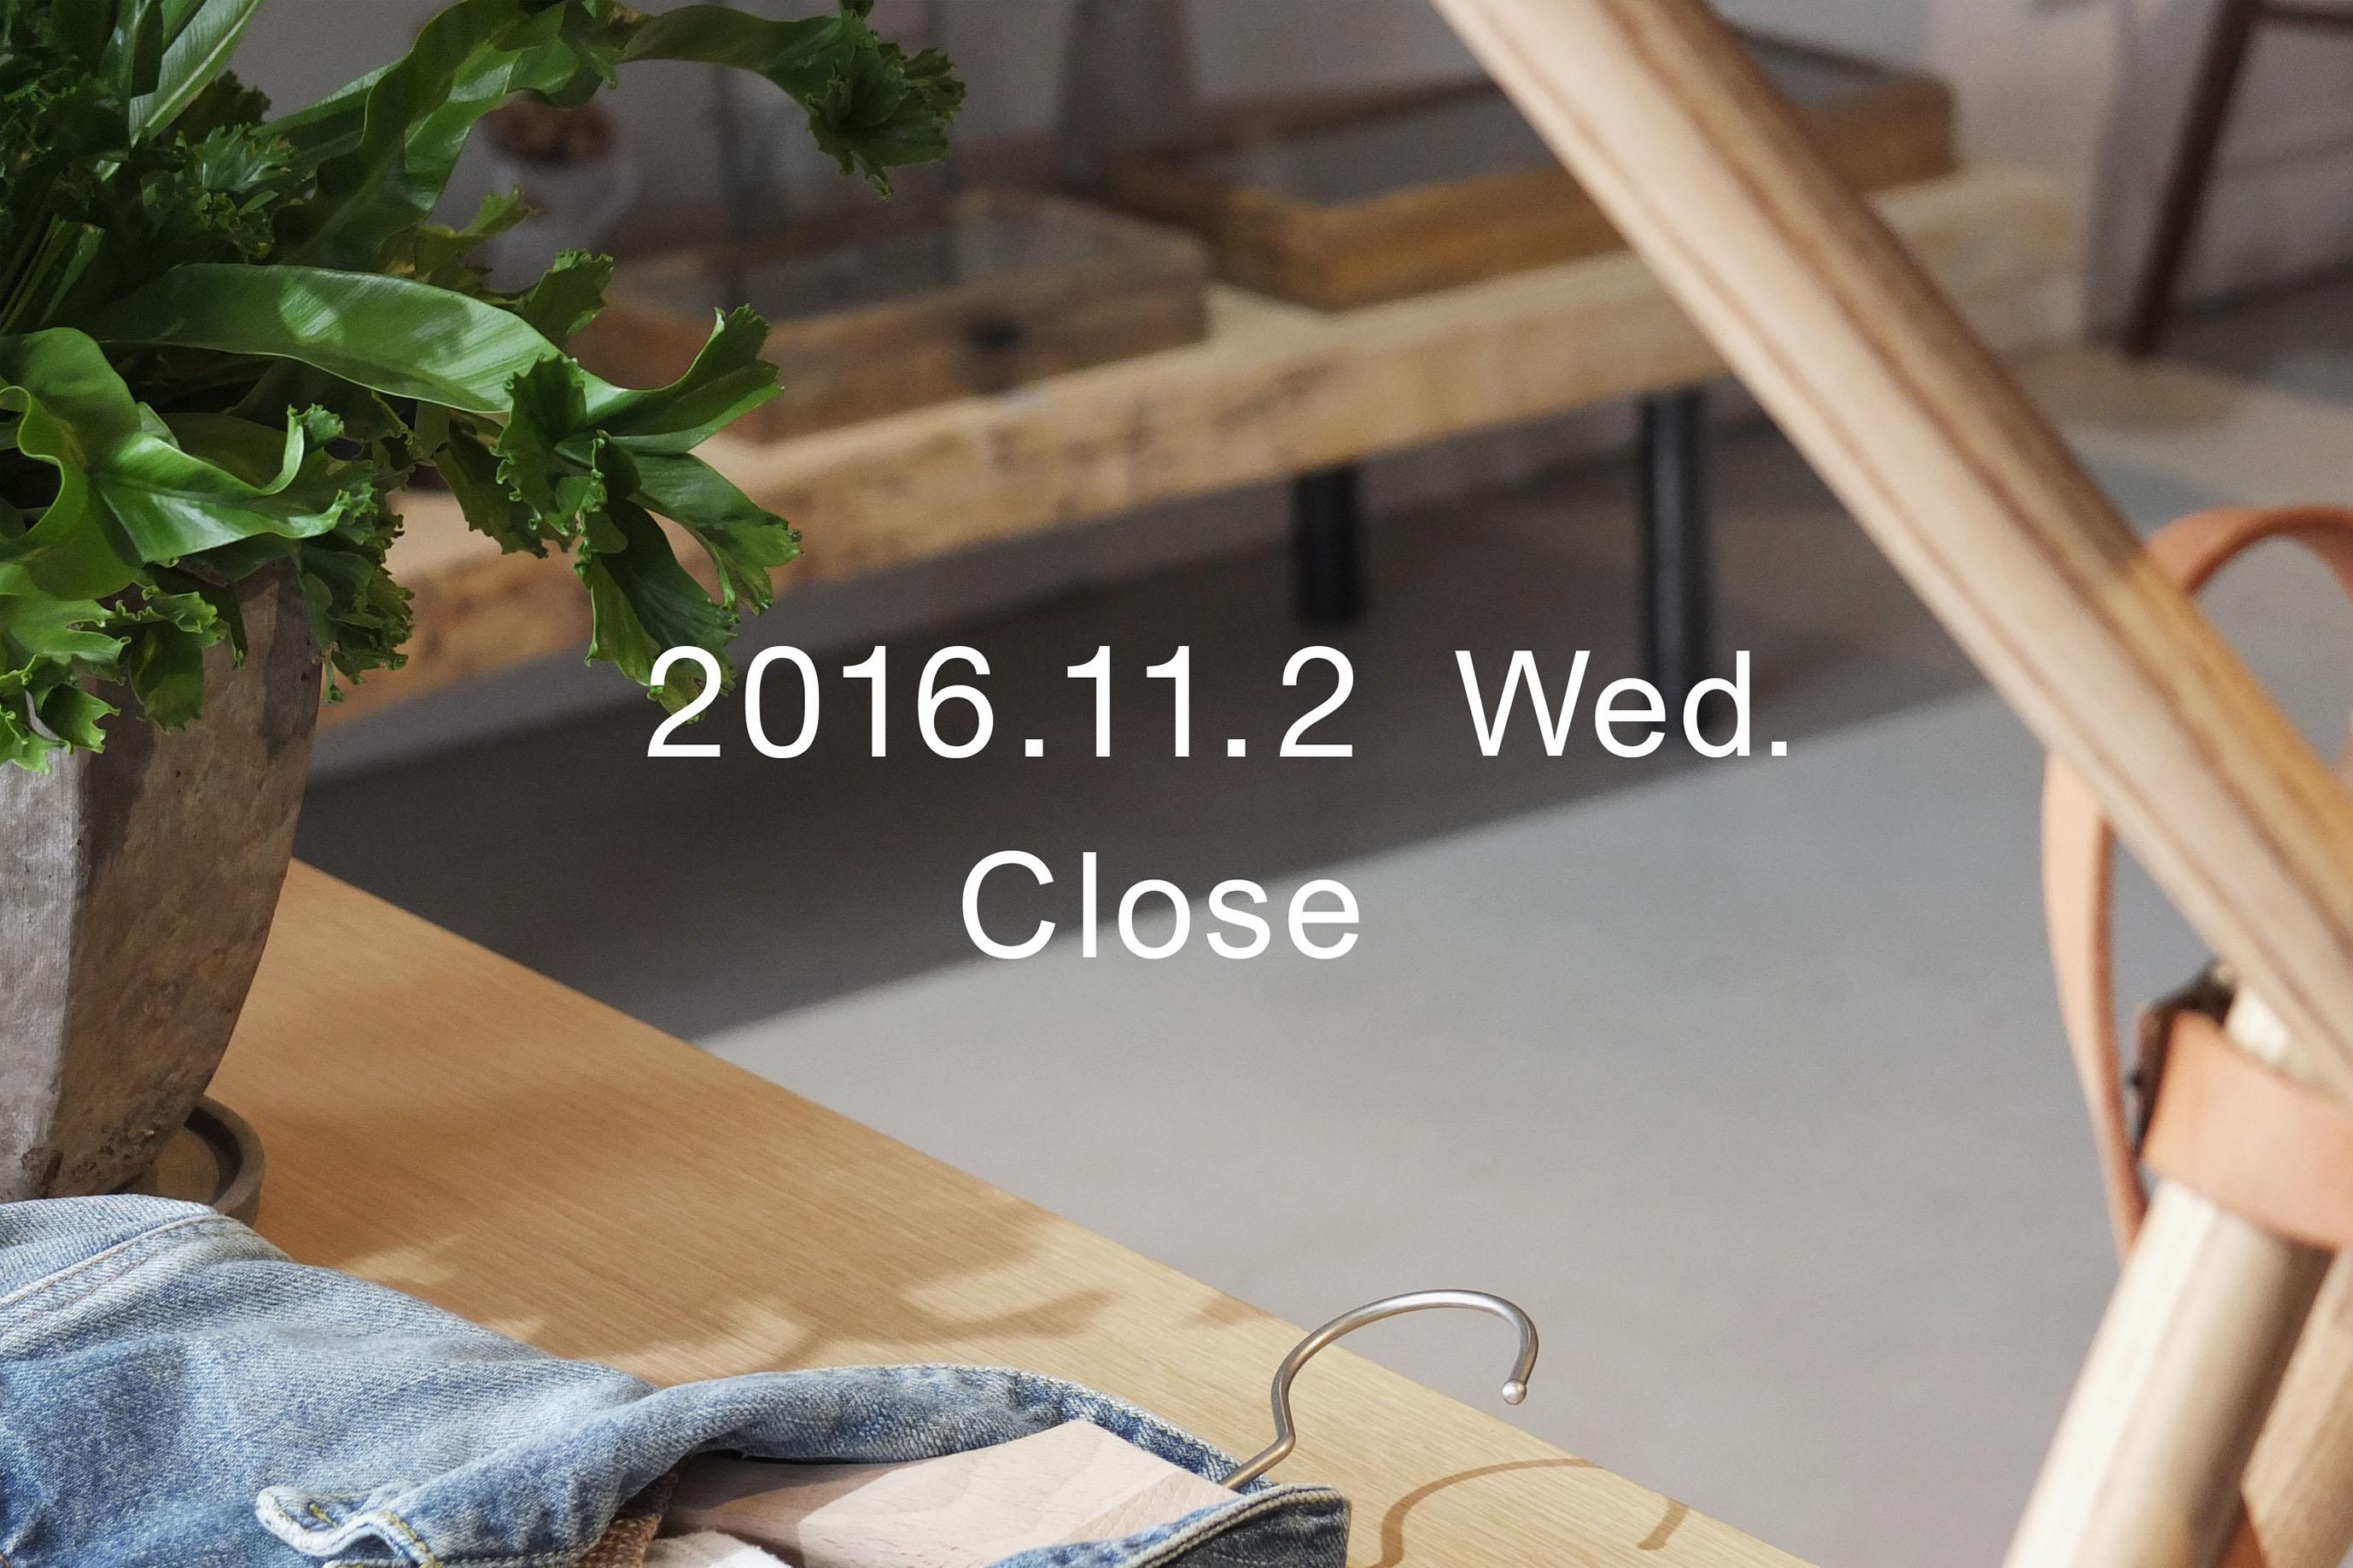 ss-close_20161102